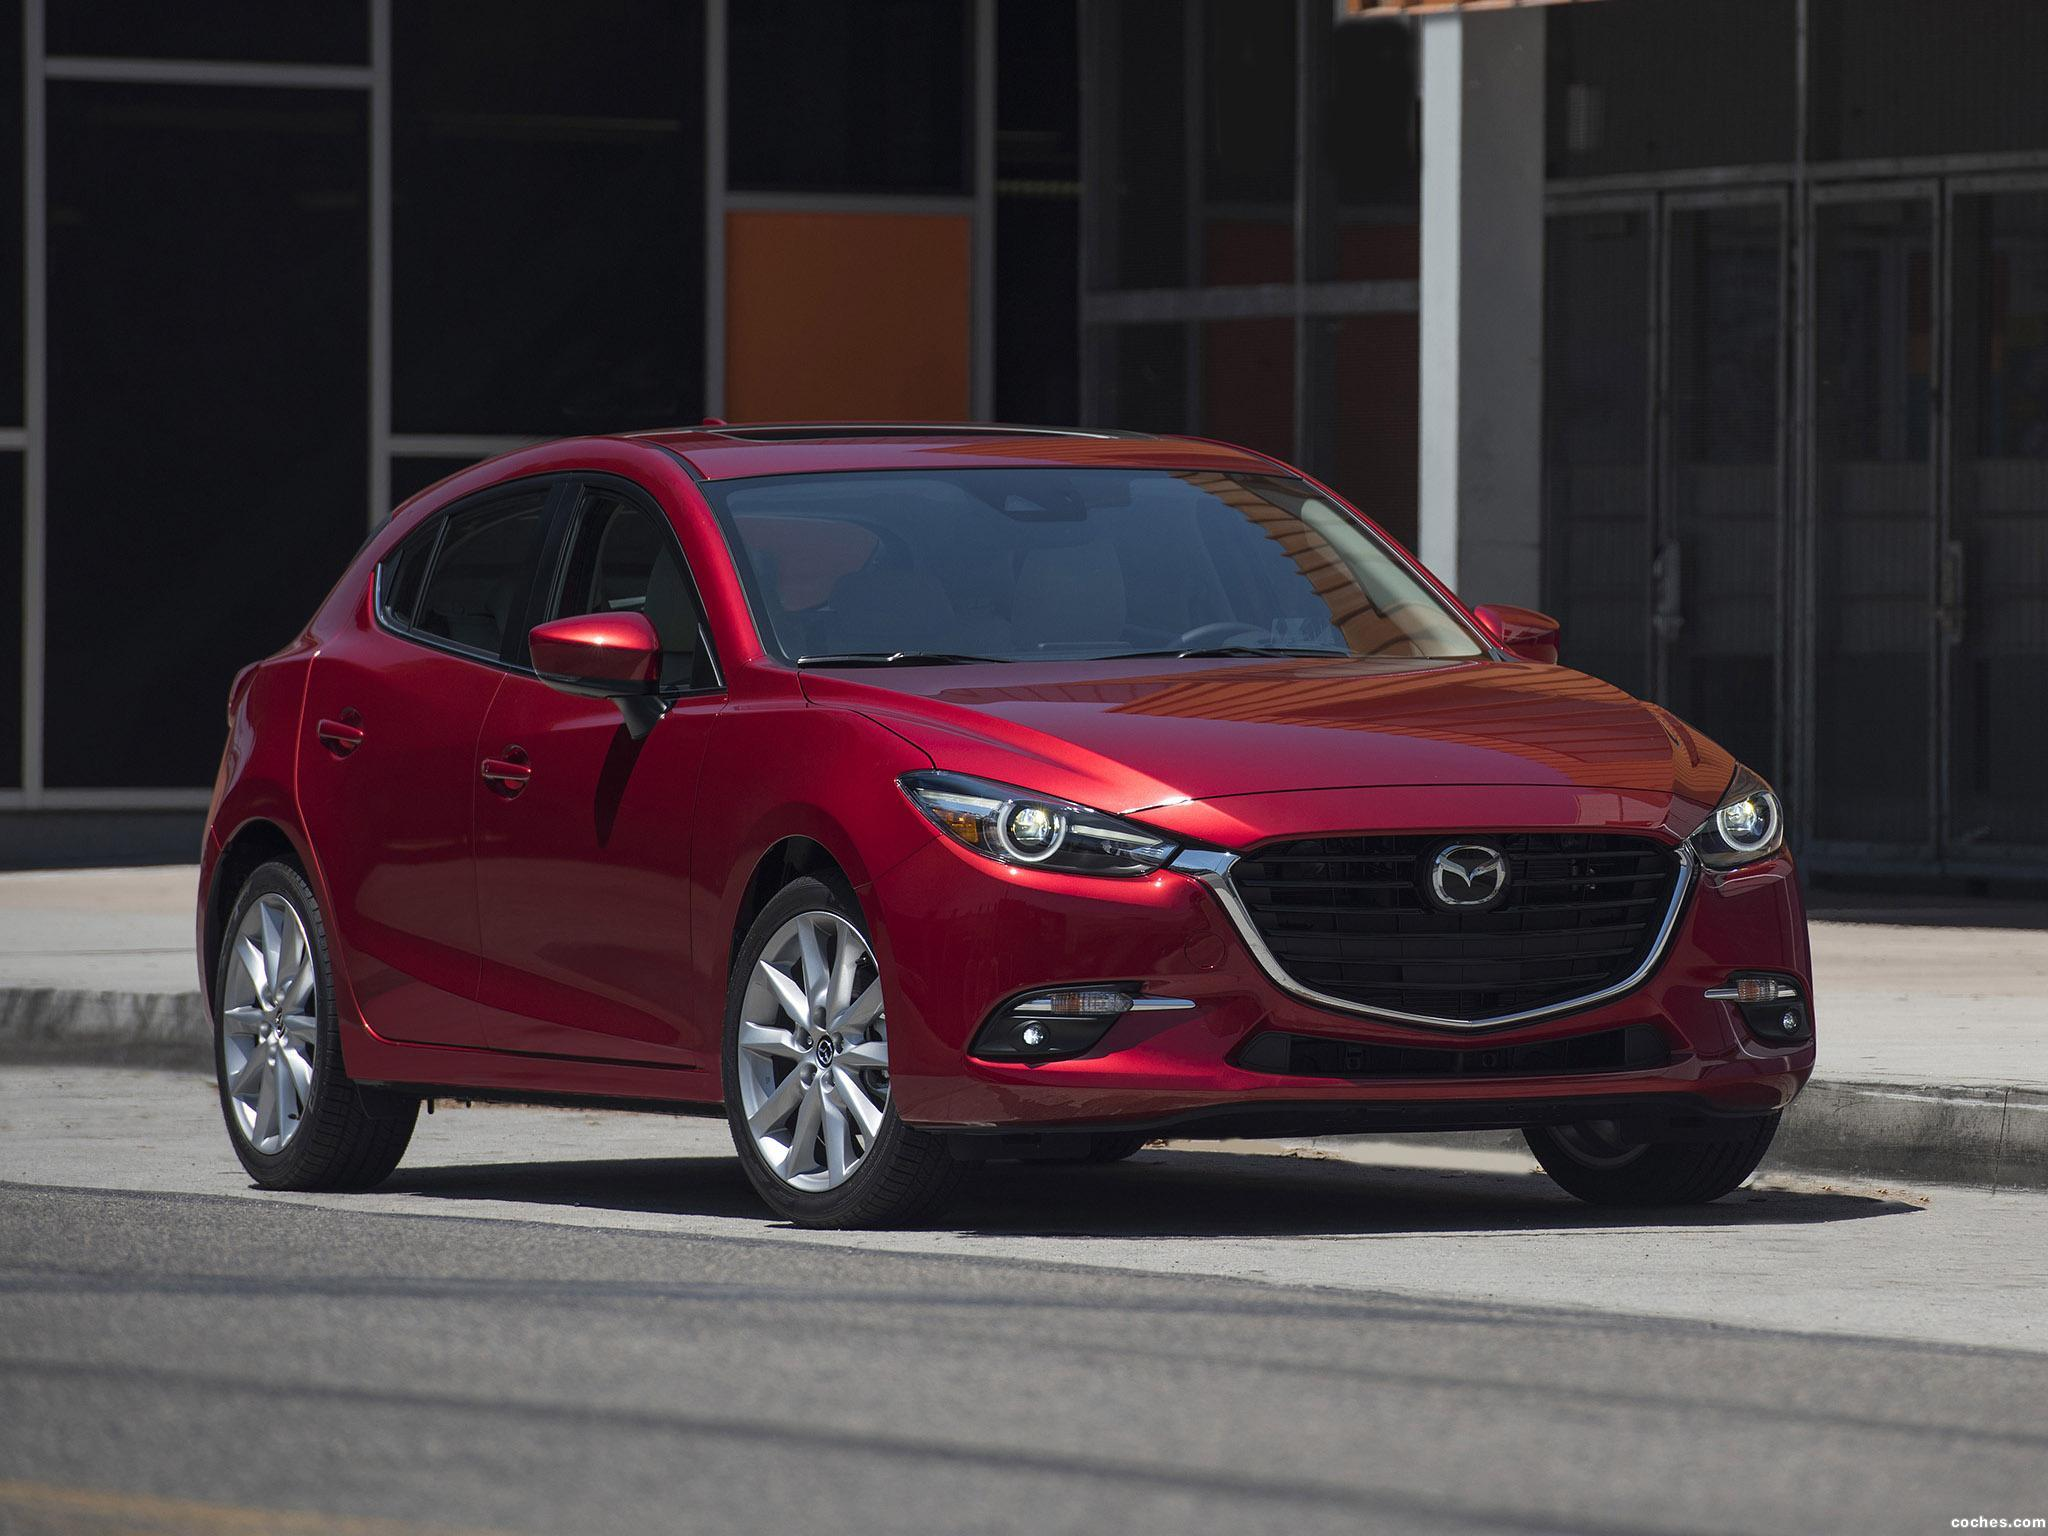 Foto 9 de Mazda 3 Hatchback USA 2016